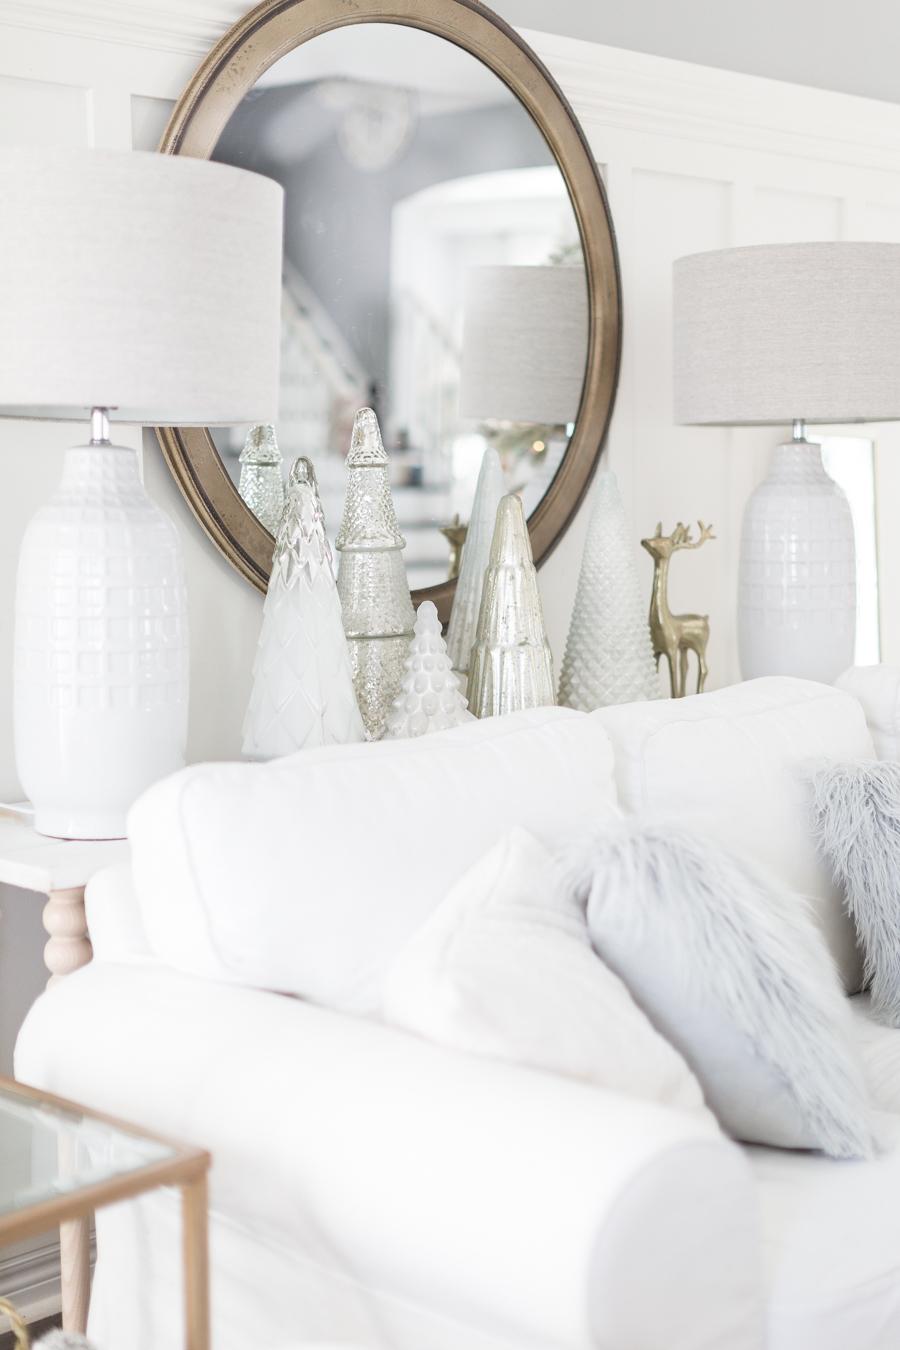 Tolle Ideen für weiße Deko Weihnachten im Wohnzimmer